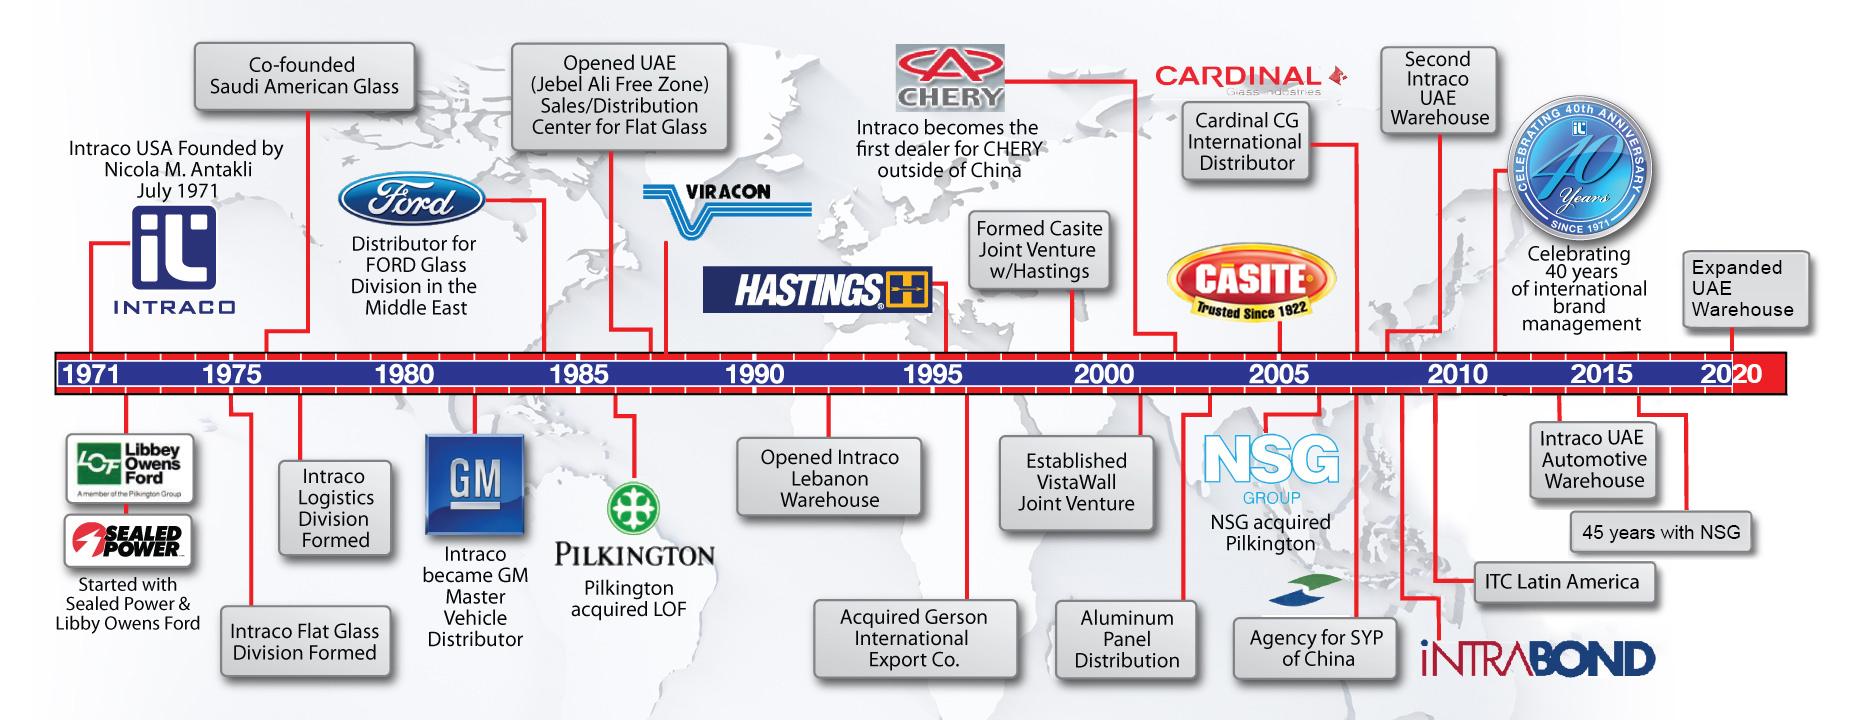 timeline-2020-2